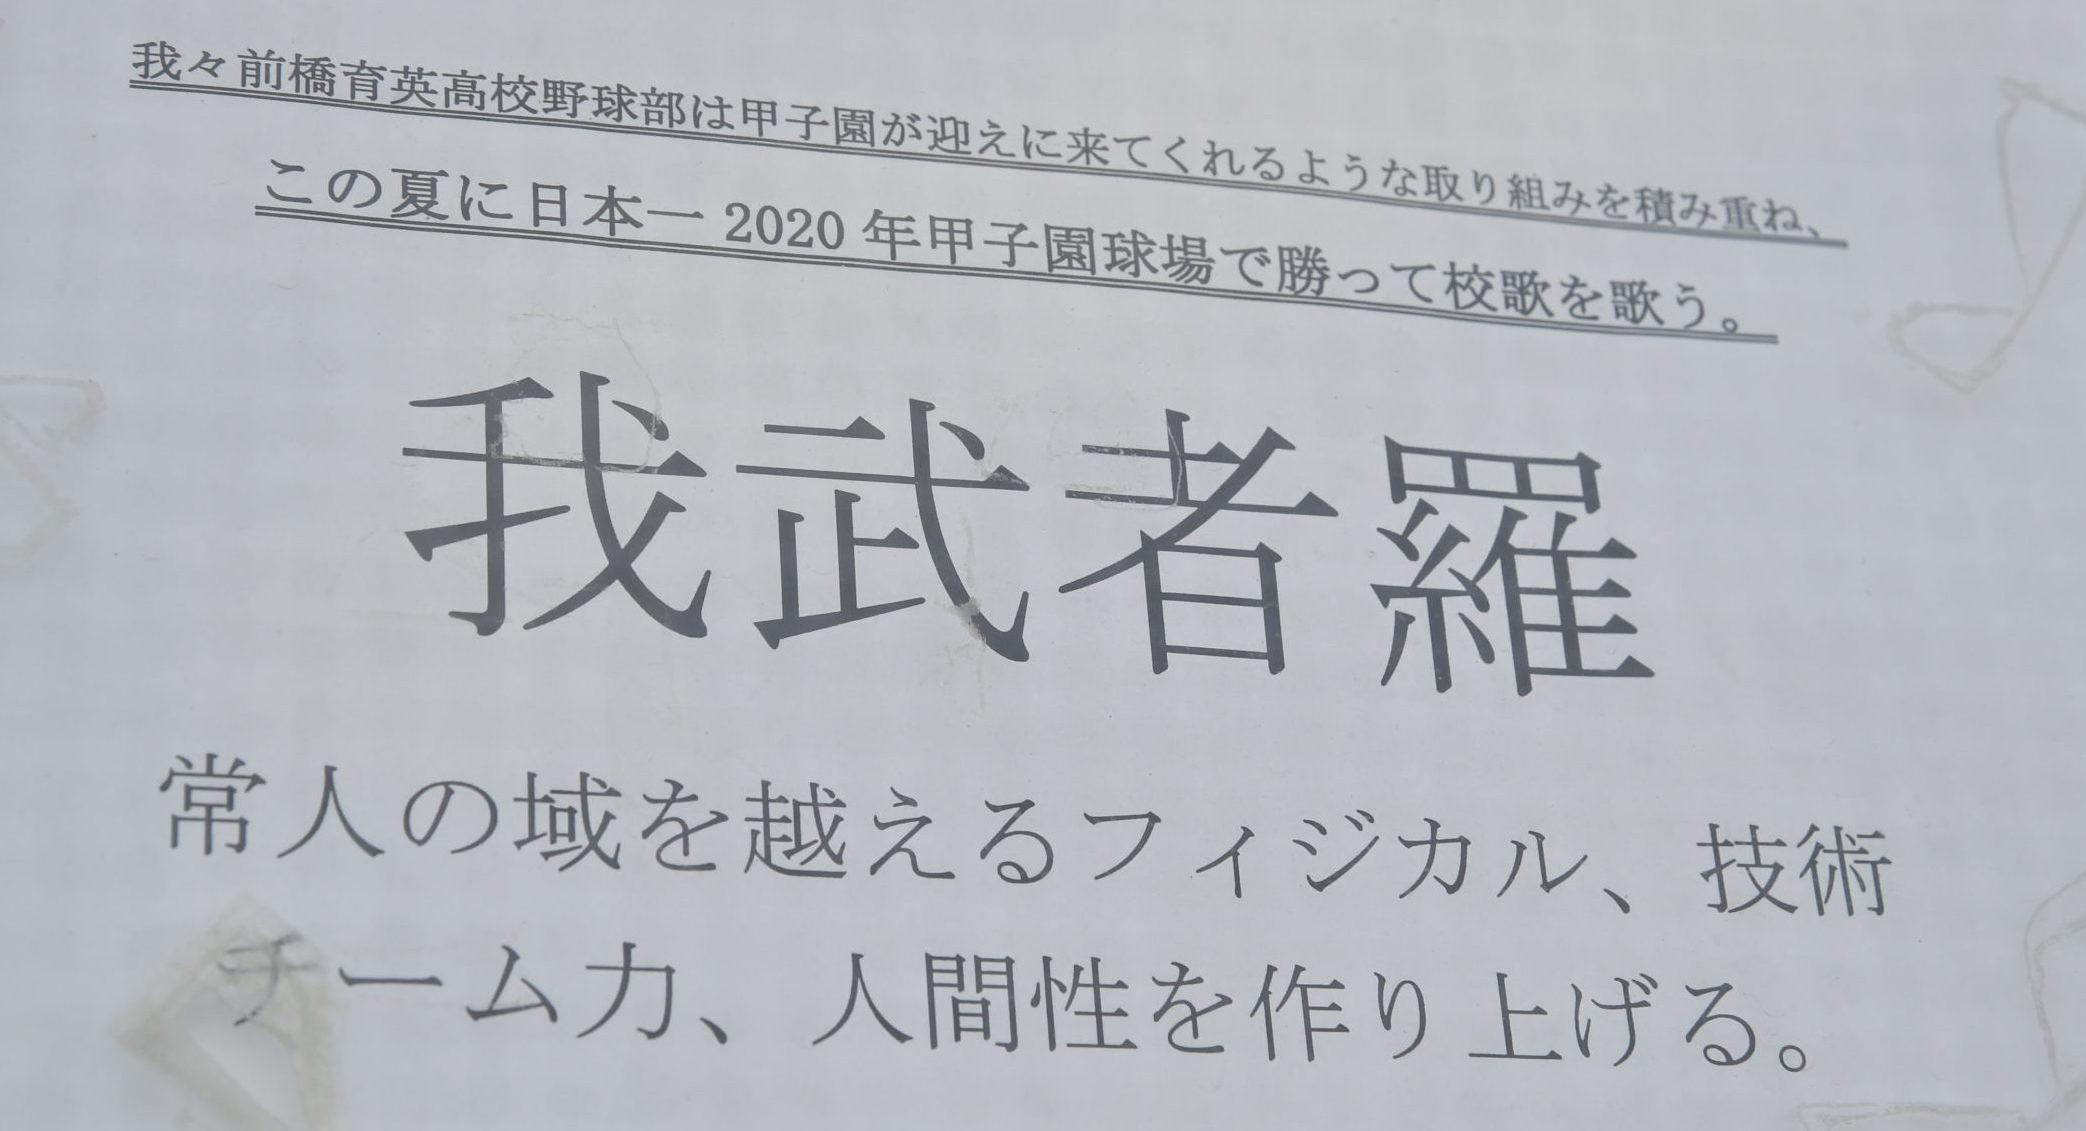 【前橋育英 野球部】『チームスローガンは'我武者羅』